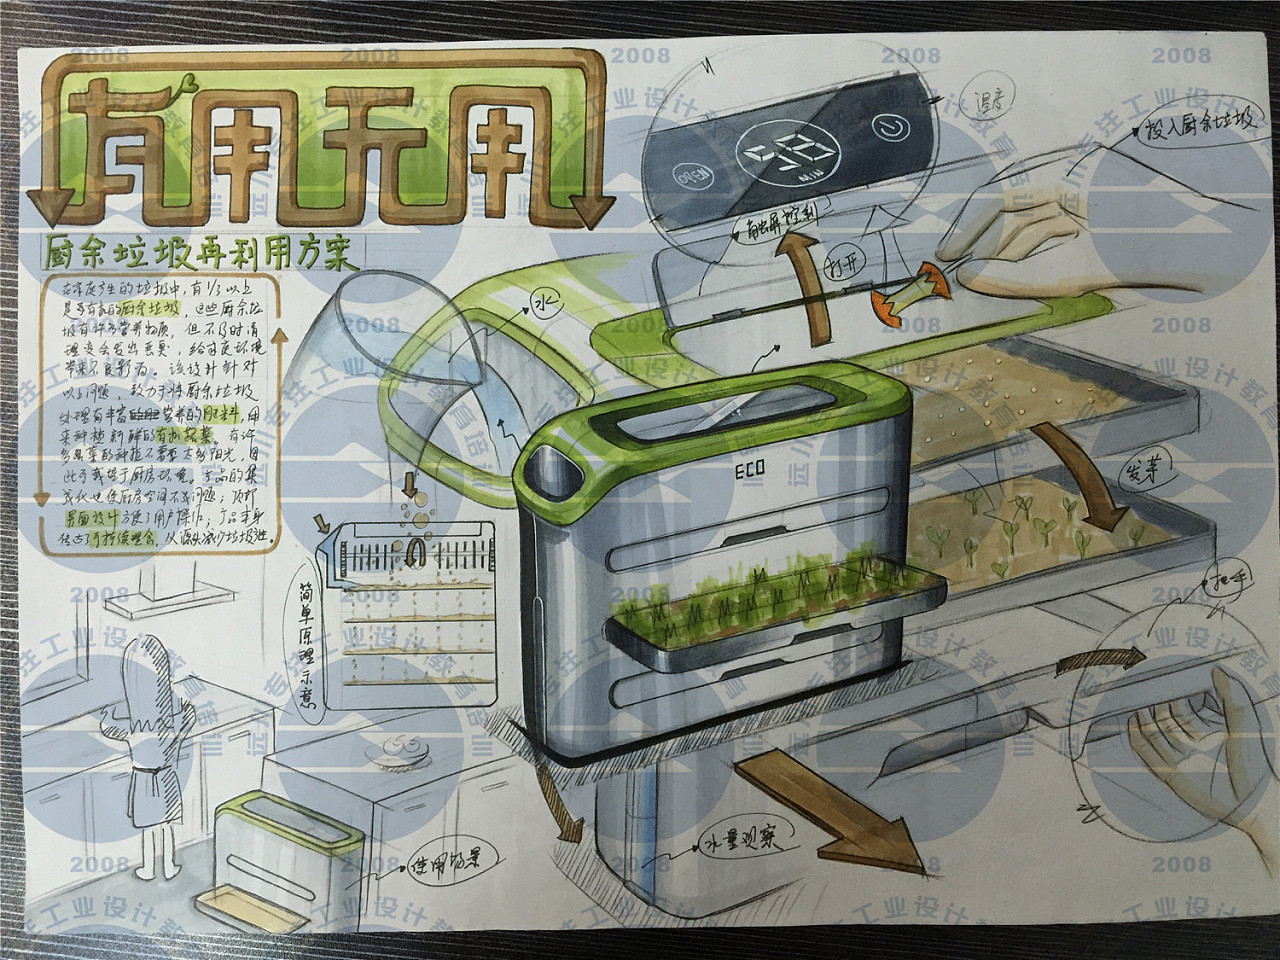 工业设计考研快题,工业设计产品手绘,远川学员手绘作品